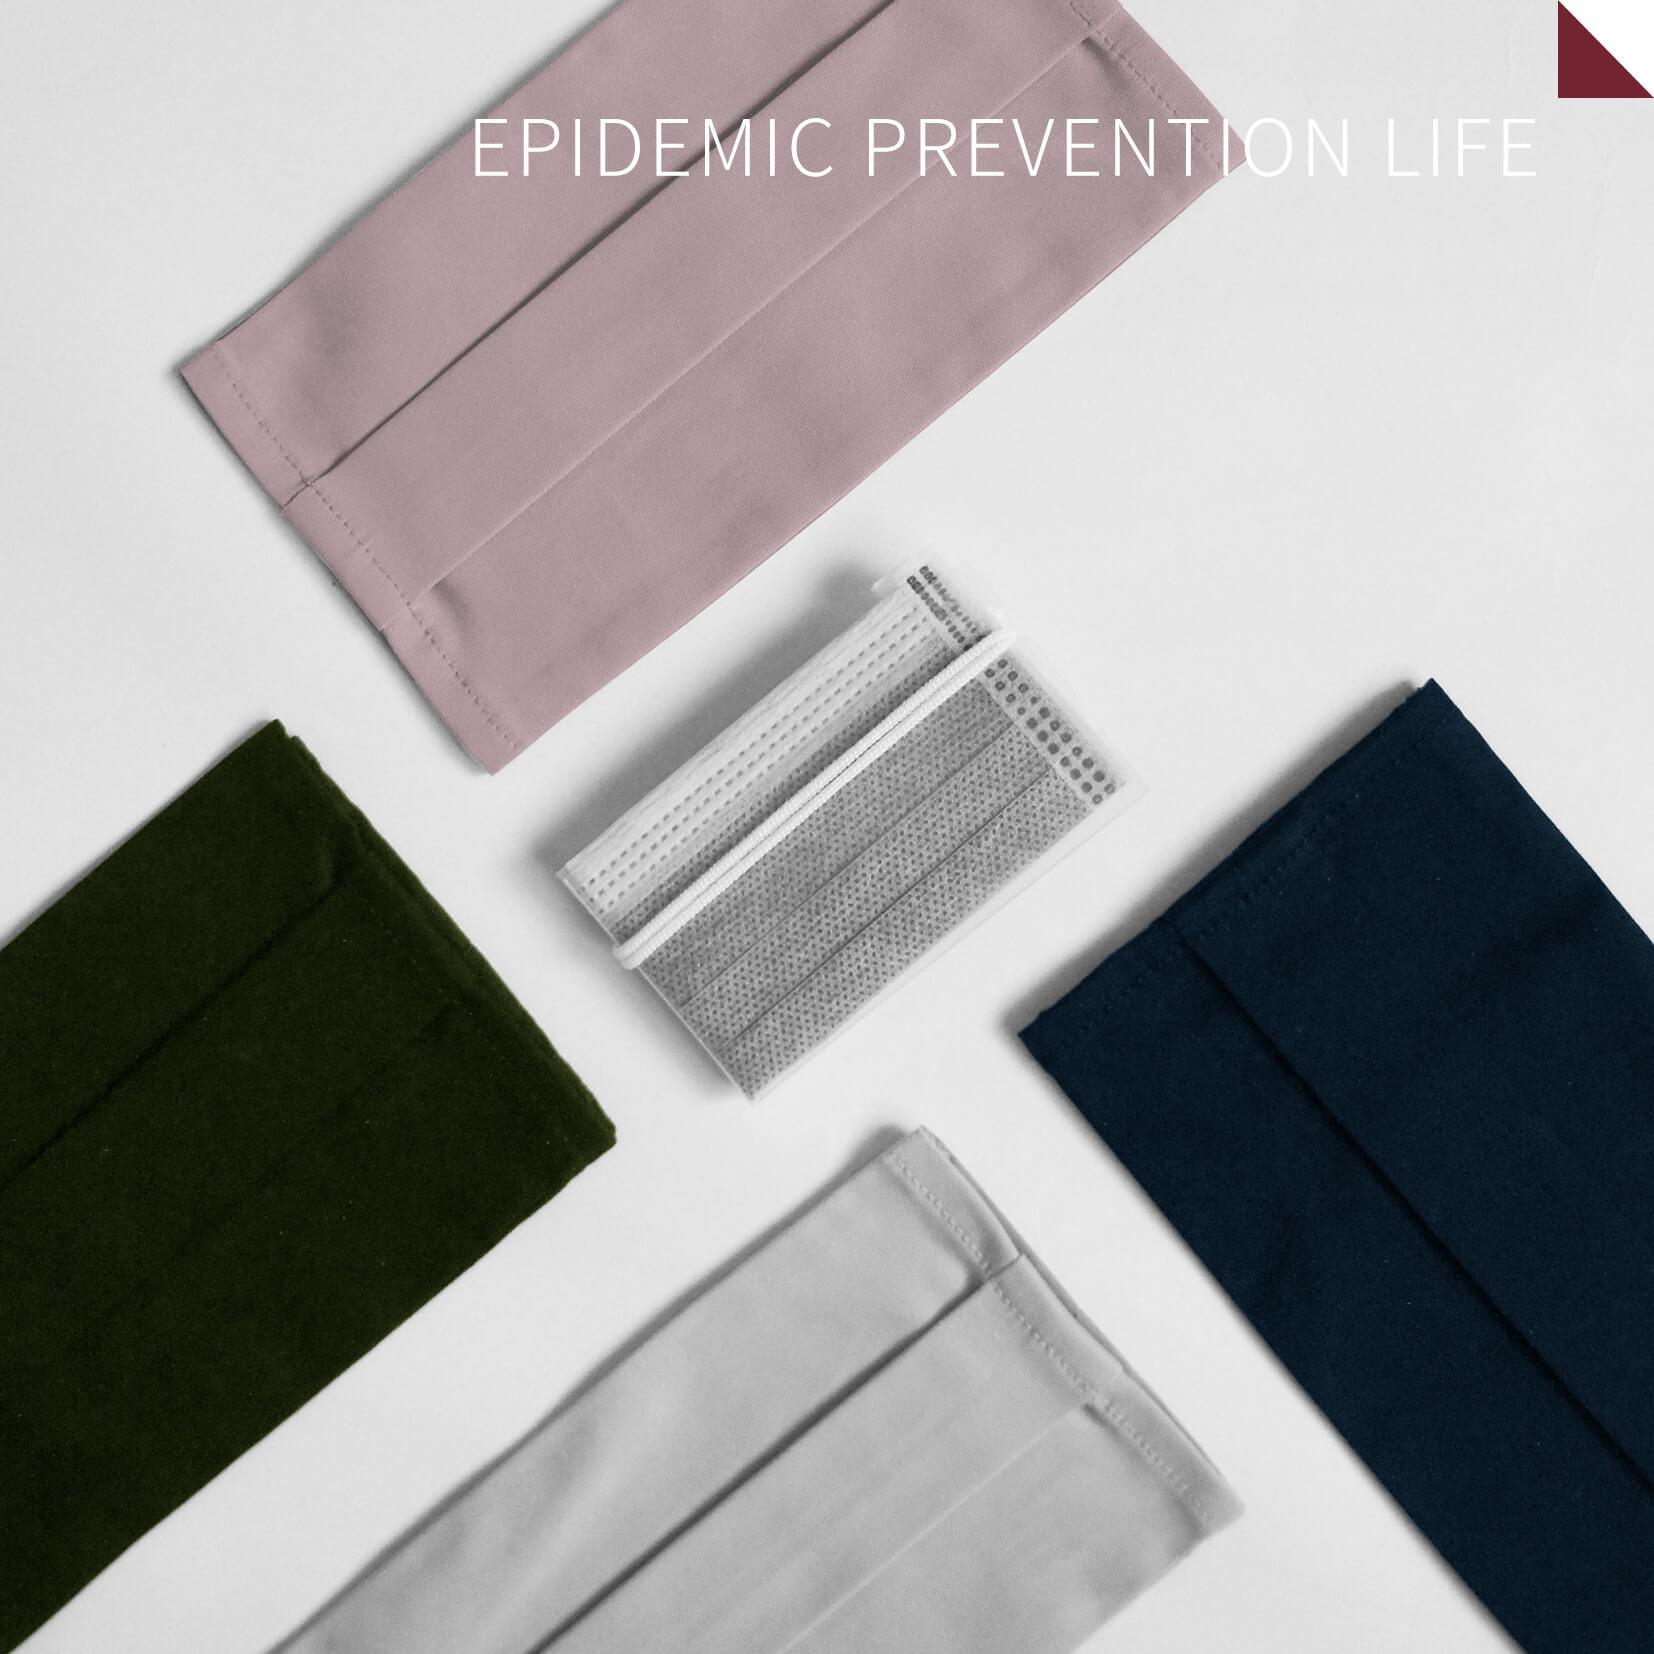 防疫日常 |  Epidemic prevention daily